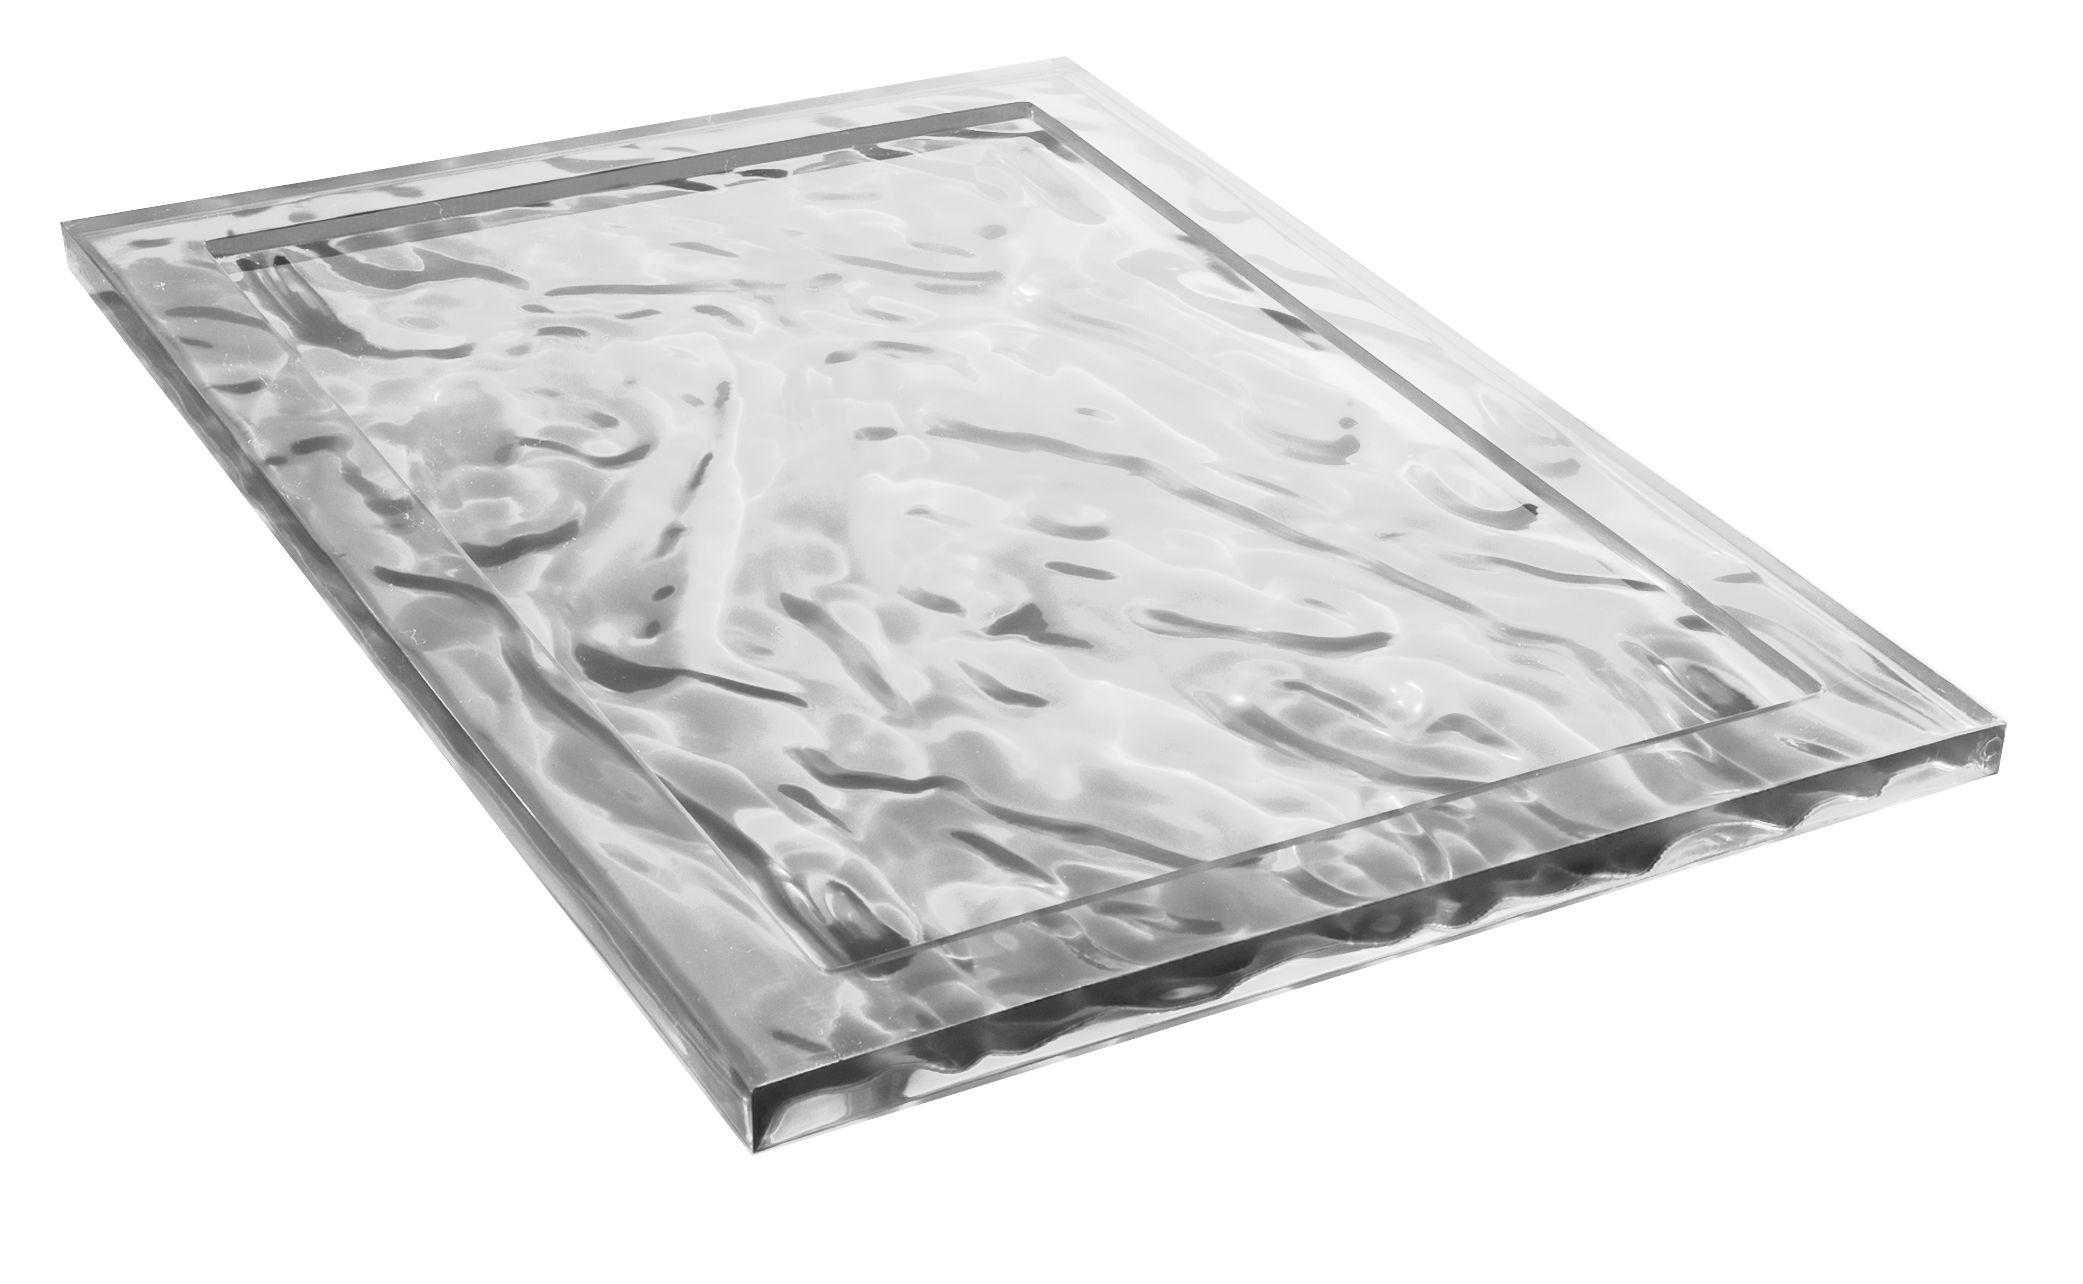 Tischkultur - Tabletts - Dune Small Tablett 46 x 32 cm - Kartell - Kristall - Technoplymer